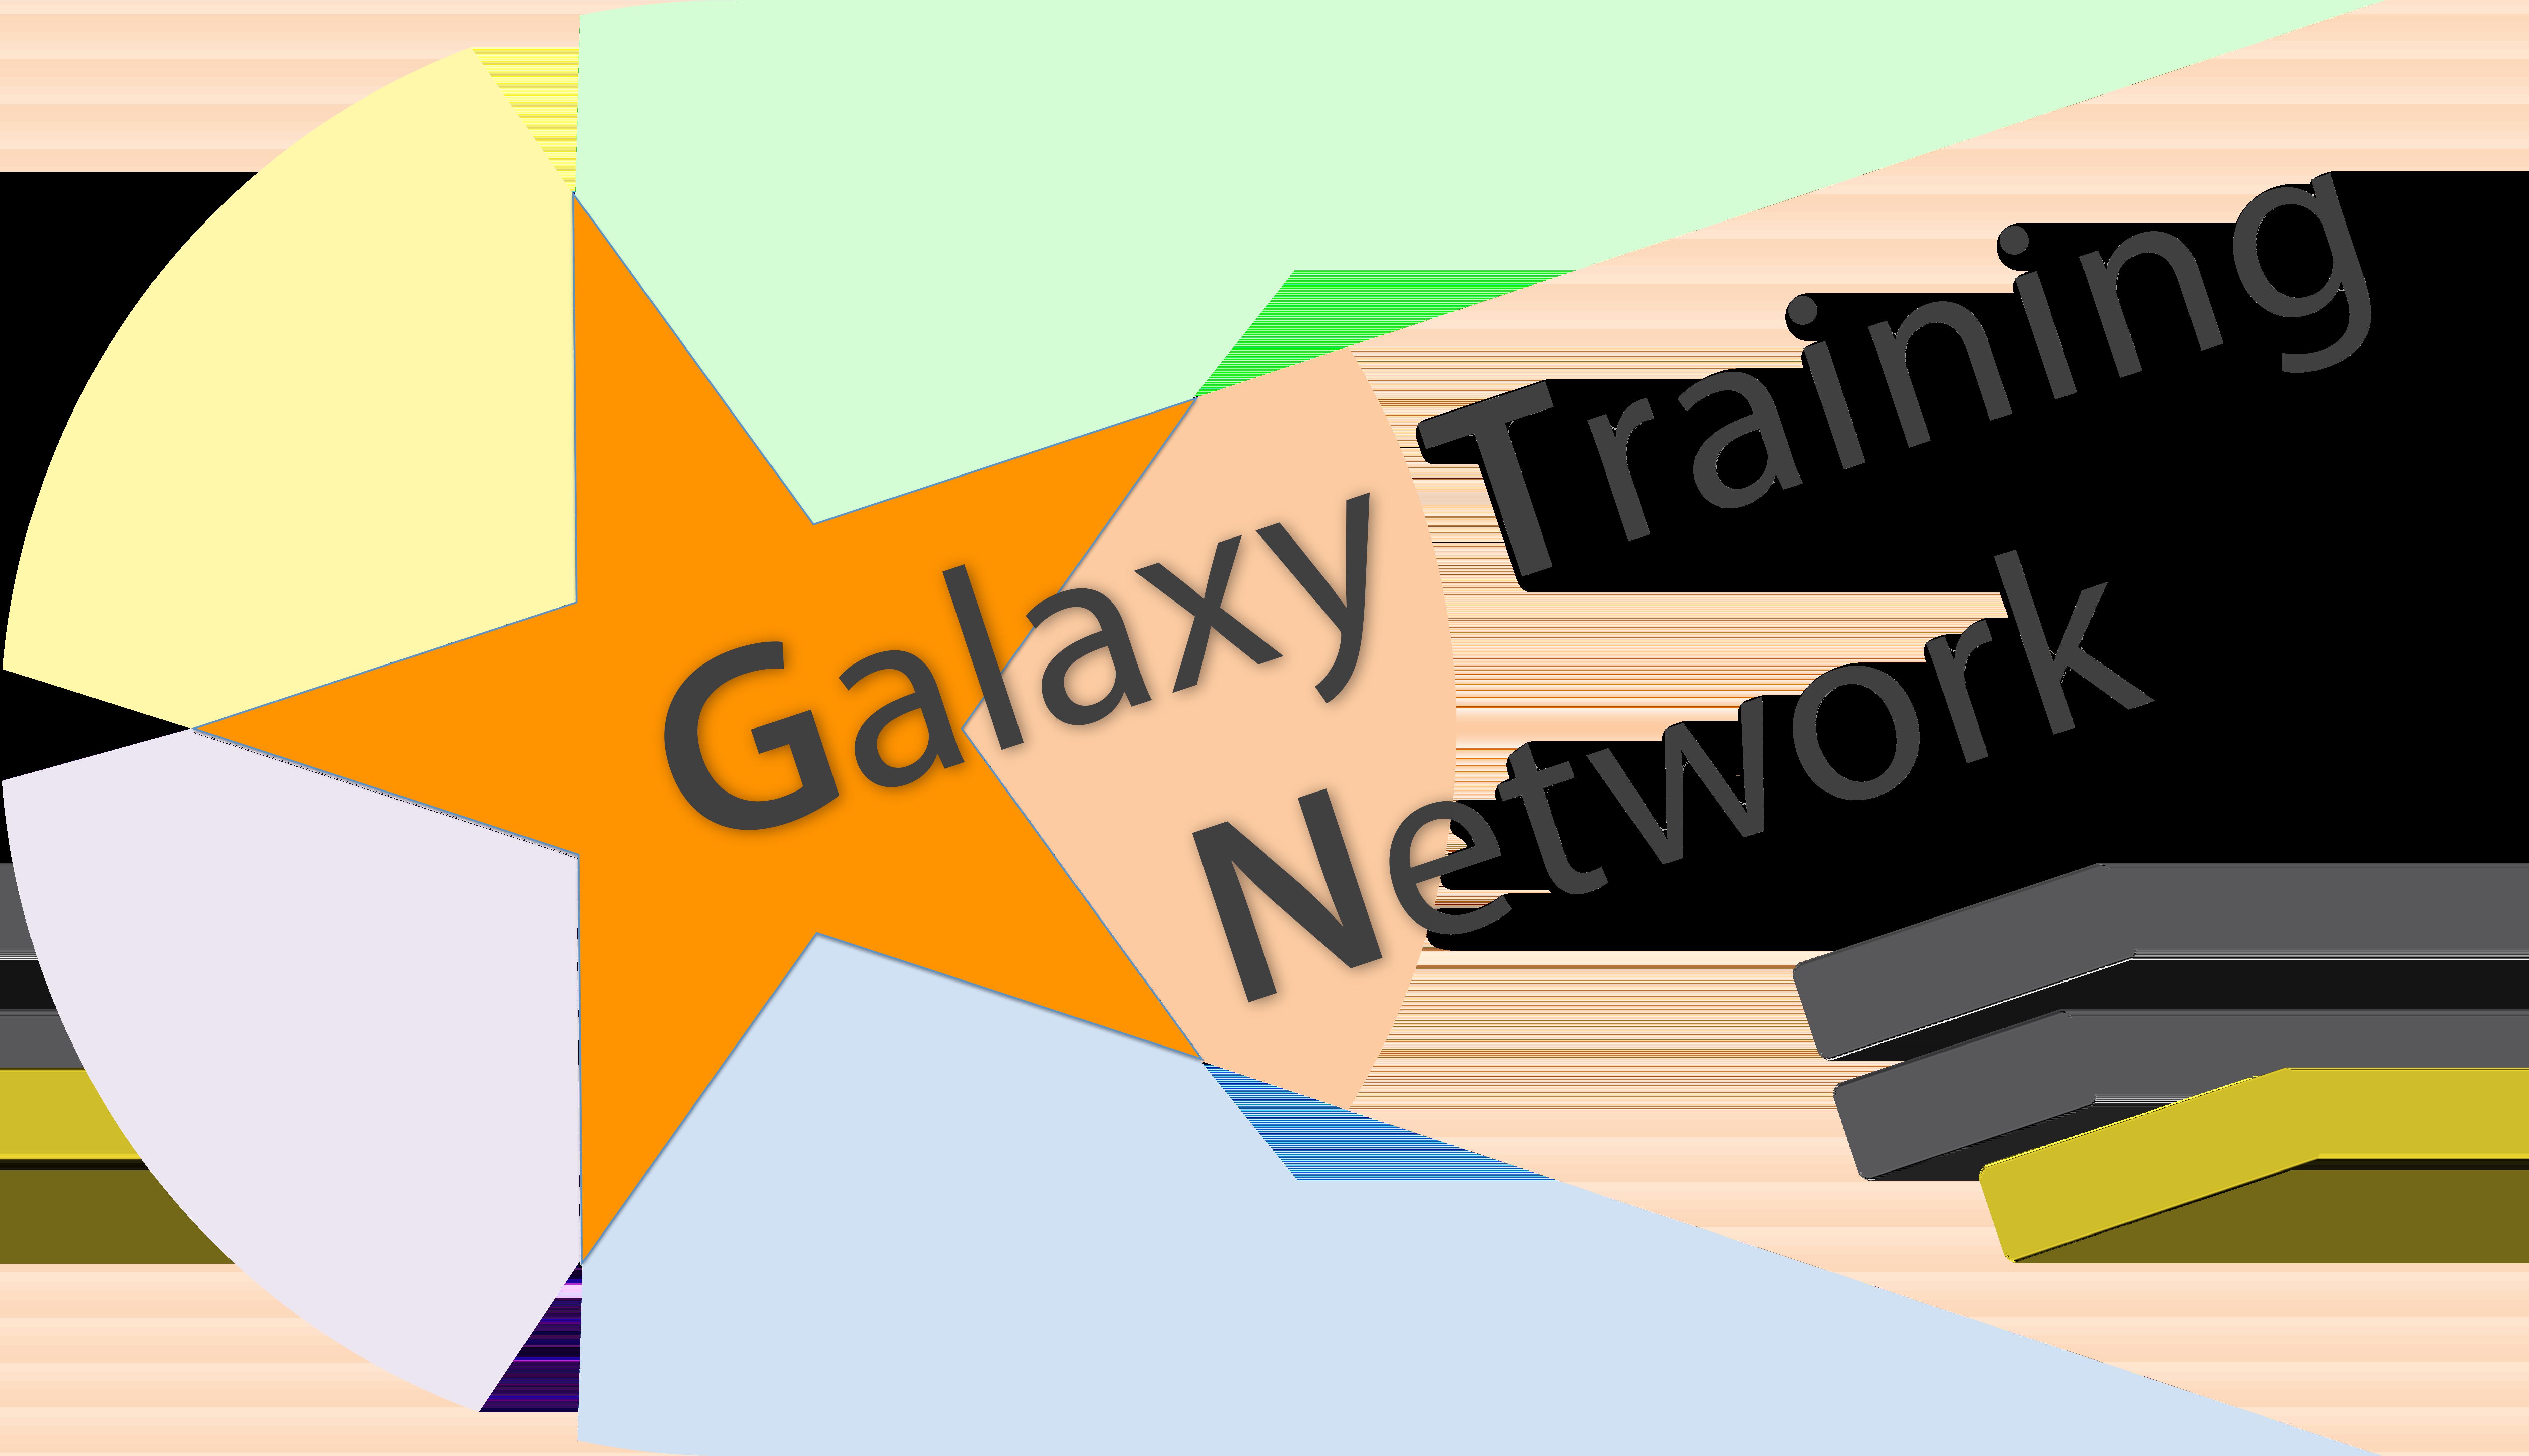 Galaxy Training Network logo